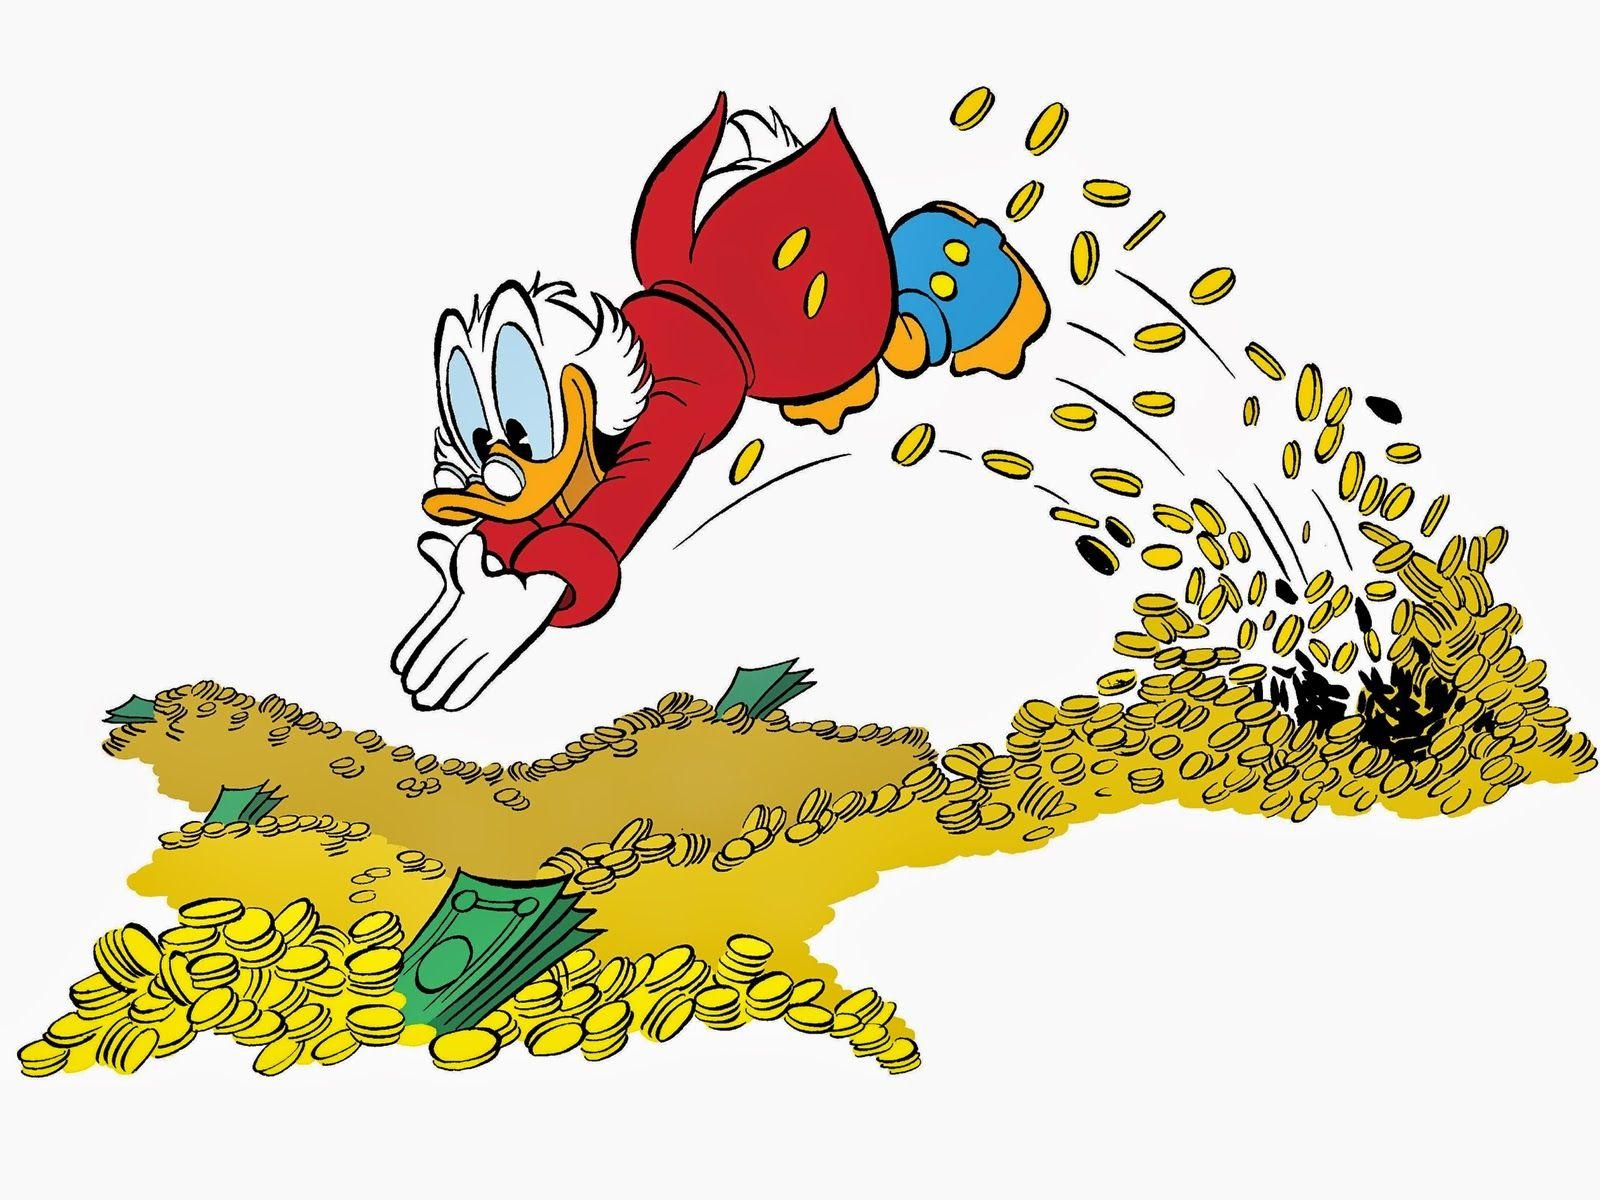 http://trabalharpelainternetagora.com.br/o-segredo-dos-ricos-para-ganhar-muito-dinheiro/